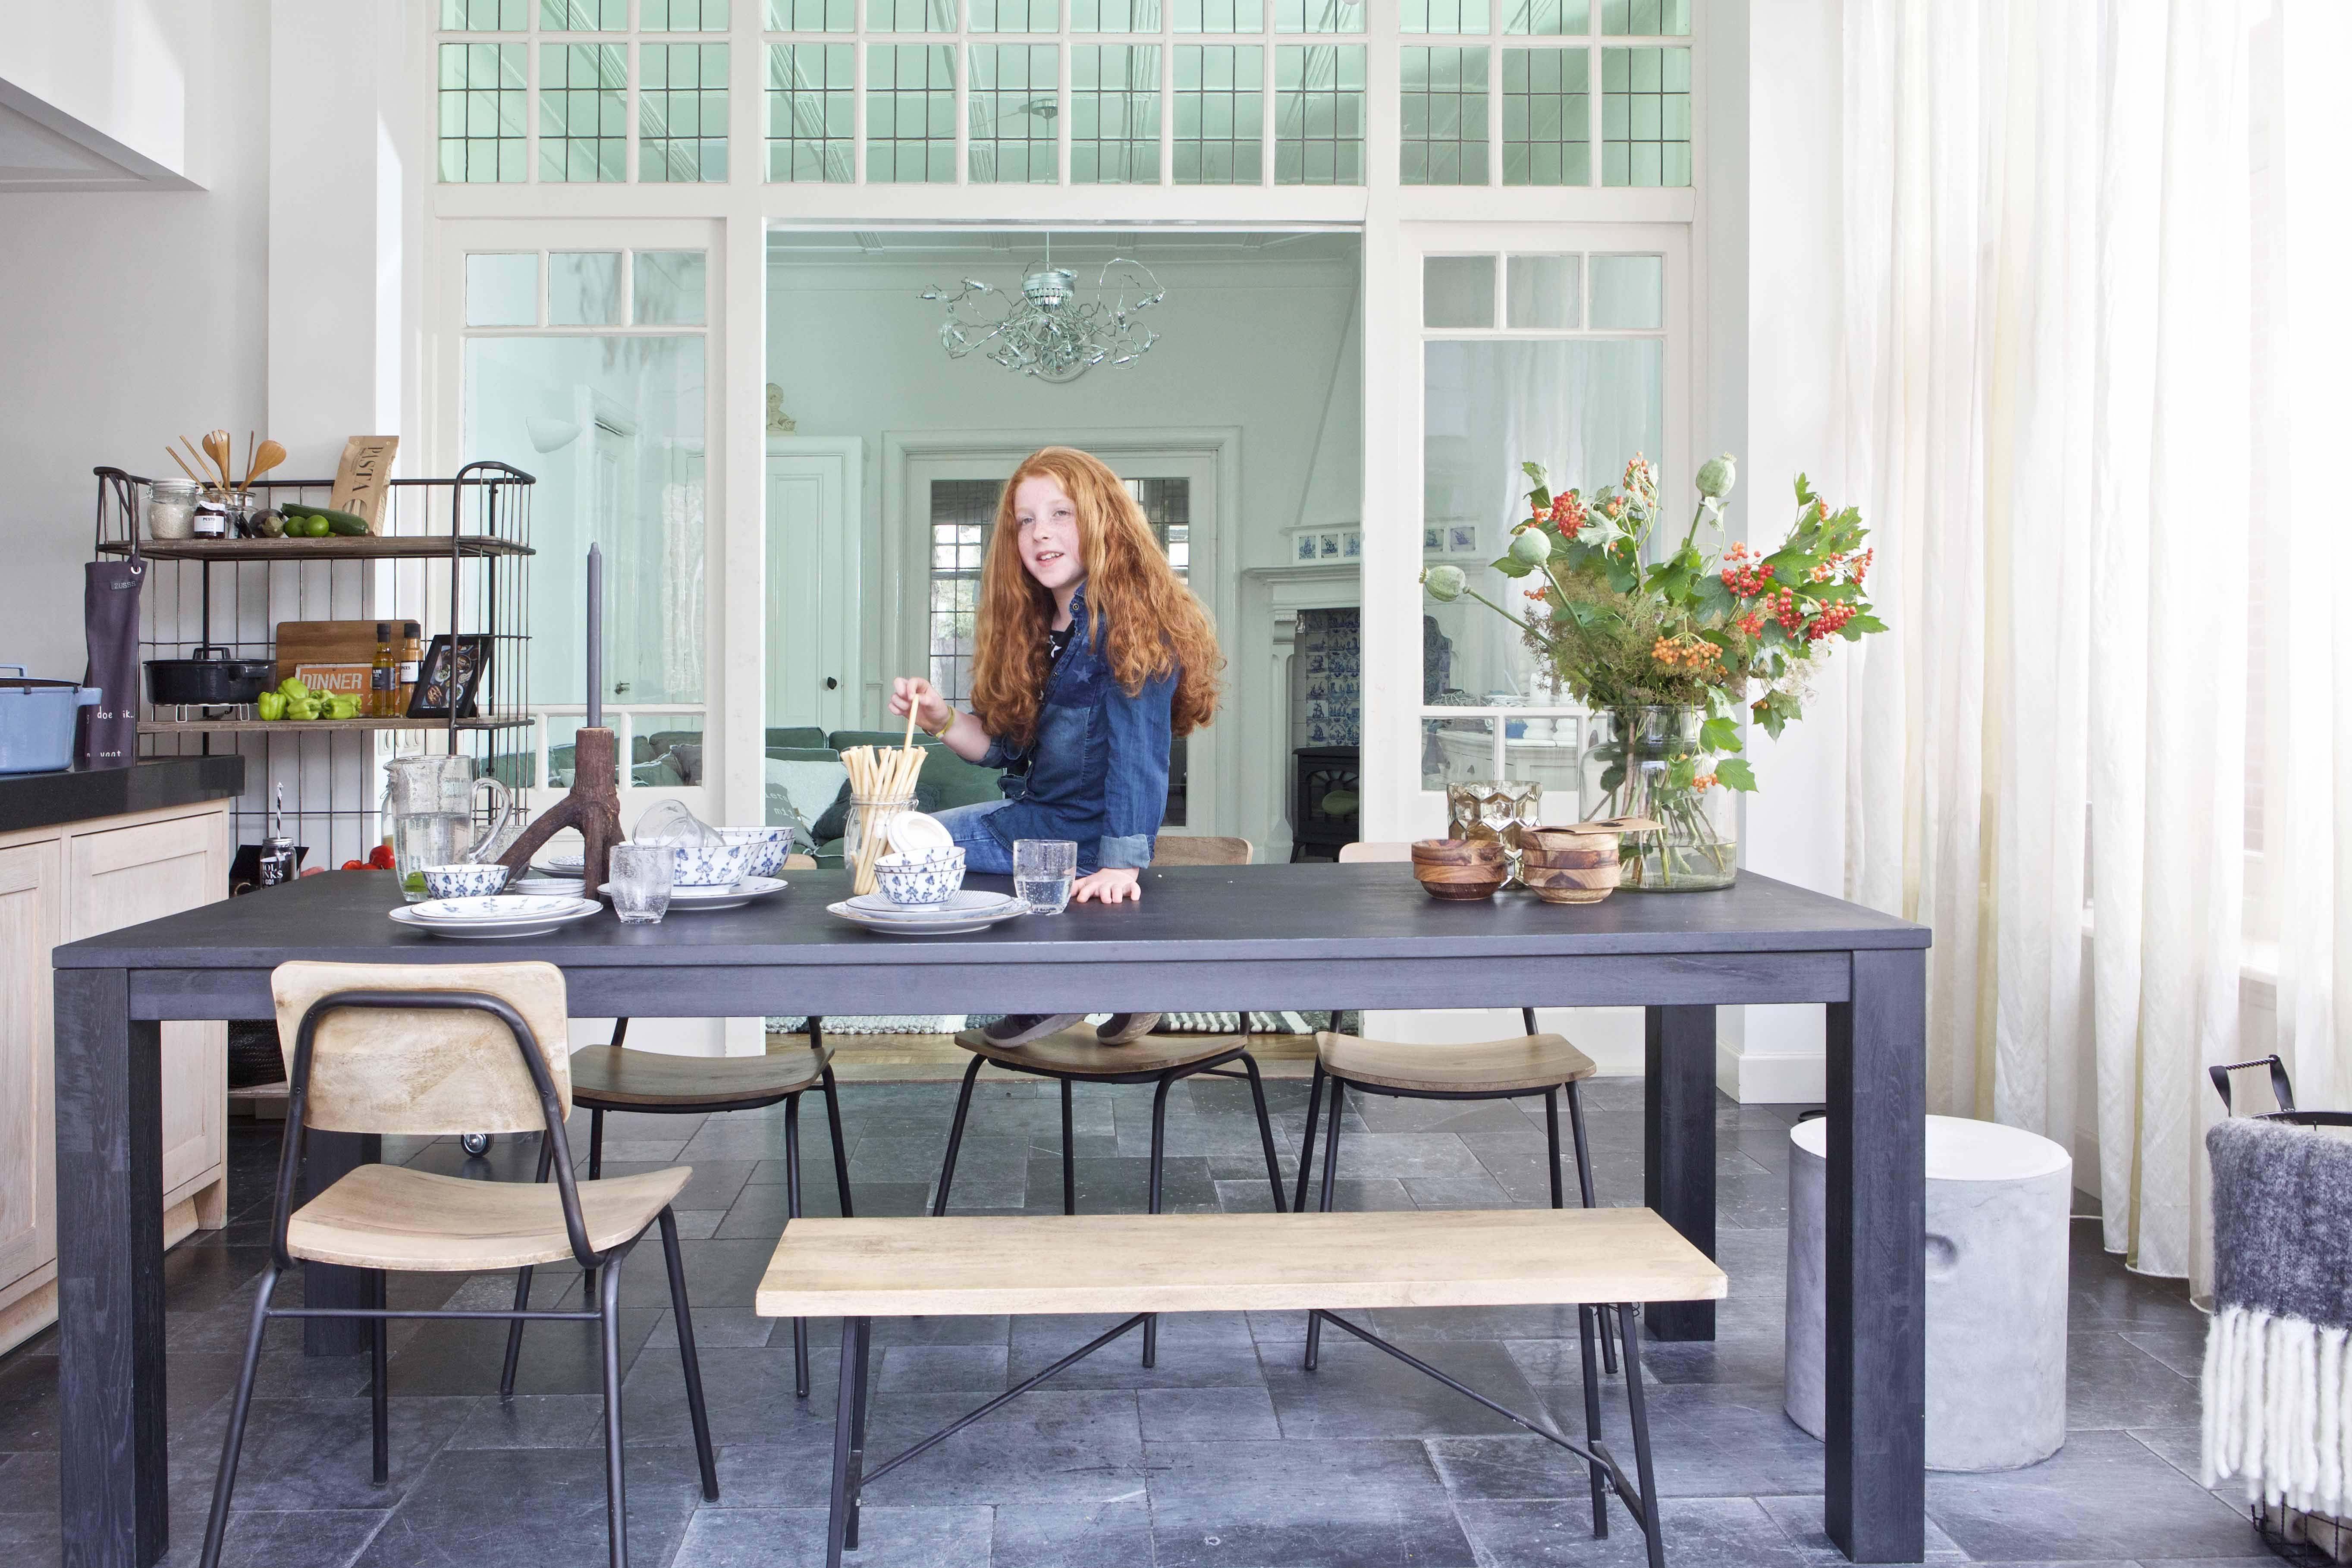 Eetkamer Tafel Largo.Tafel Table Largo By Woood Woood Tafel Table Eettafel